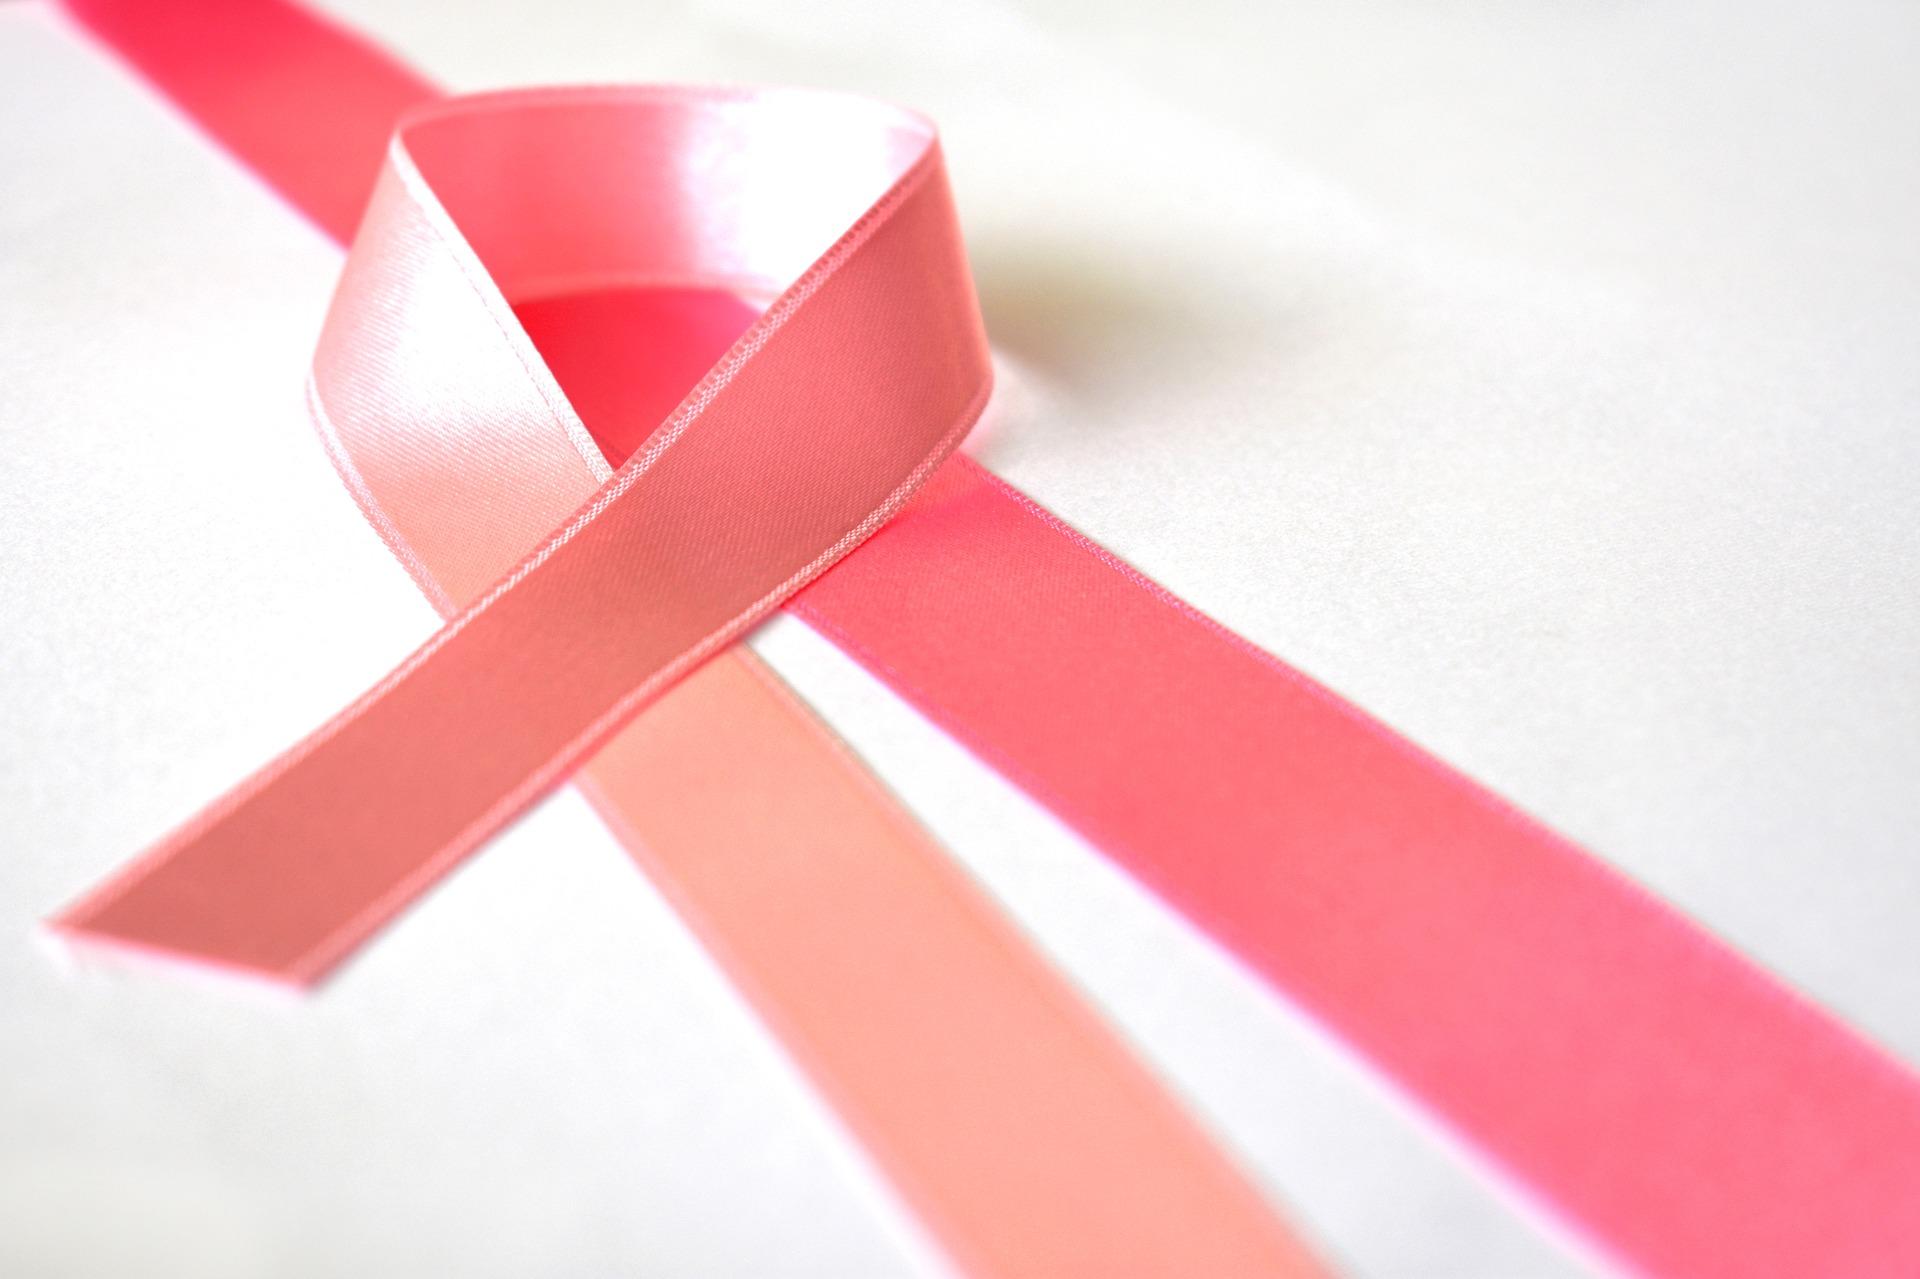 Prevenirea cancerului genital si de san - Dr. Natalia Palacean Timisoara